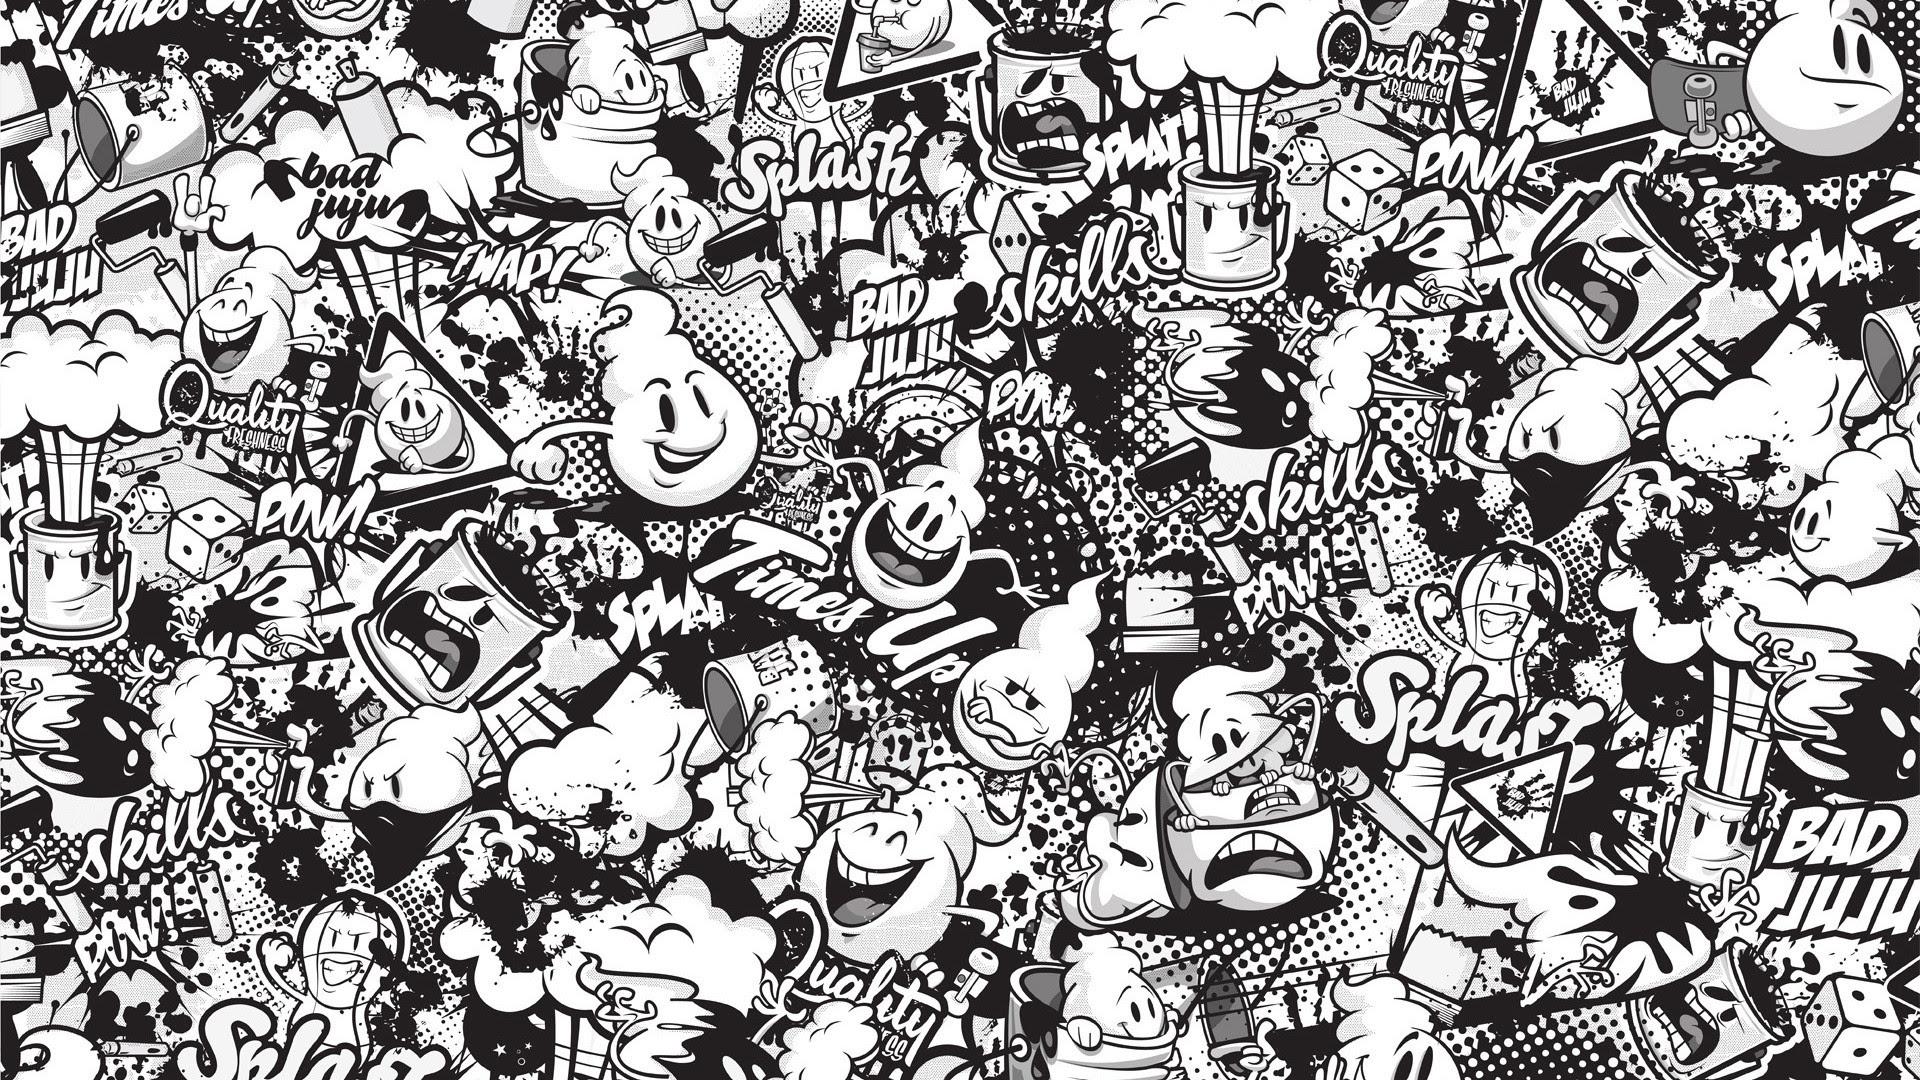 Unduh 1000 Wallpaper Android Hd Graffiti  Terbaik